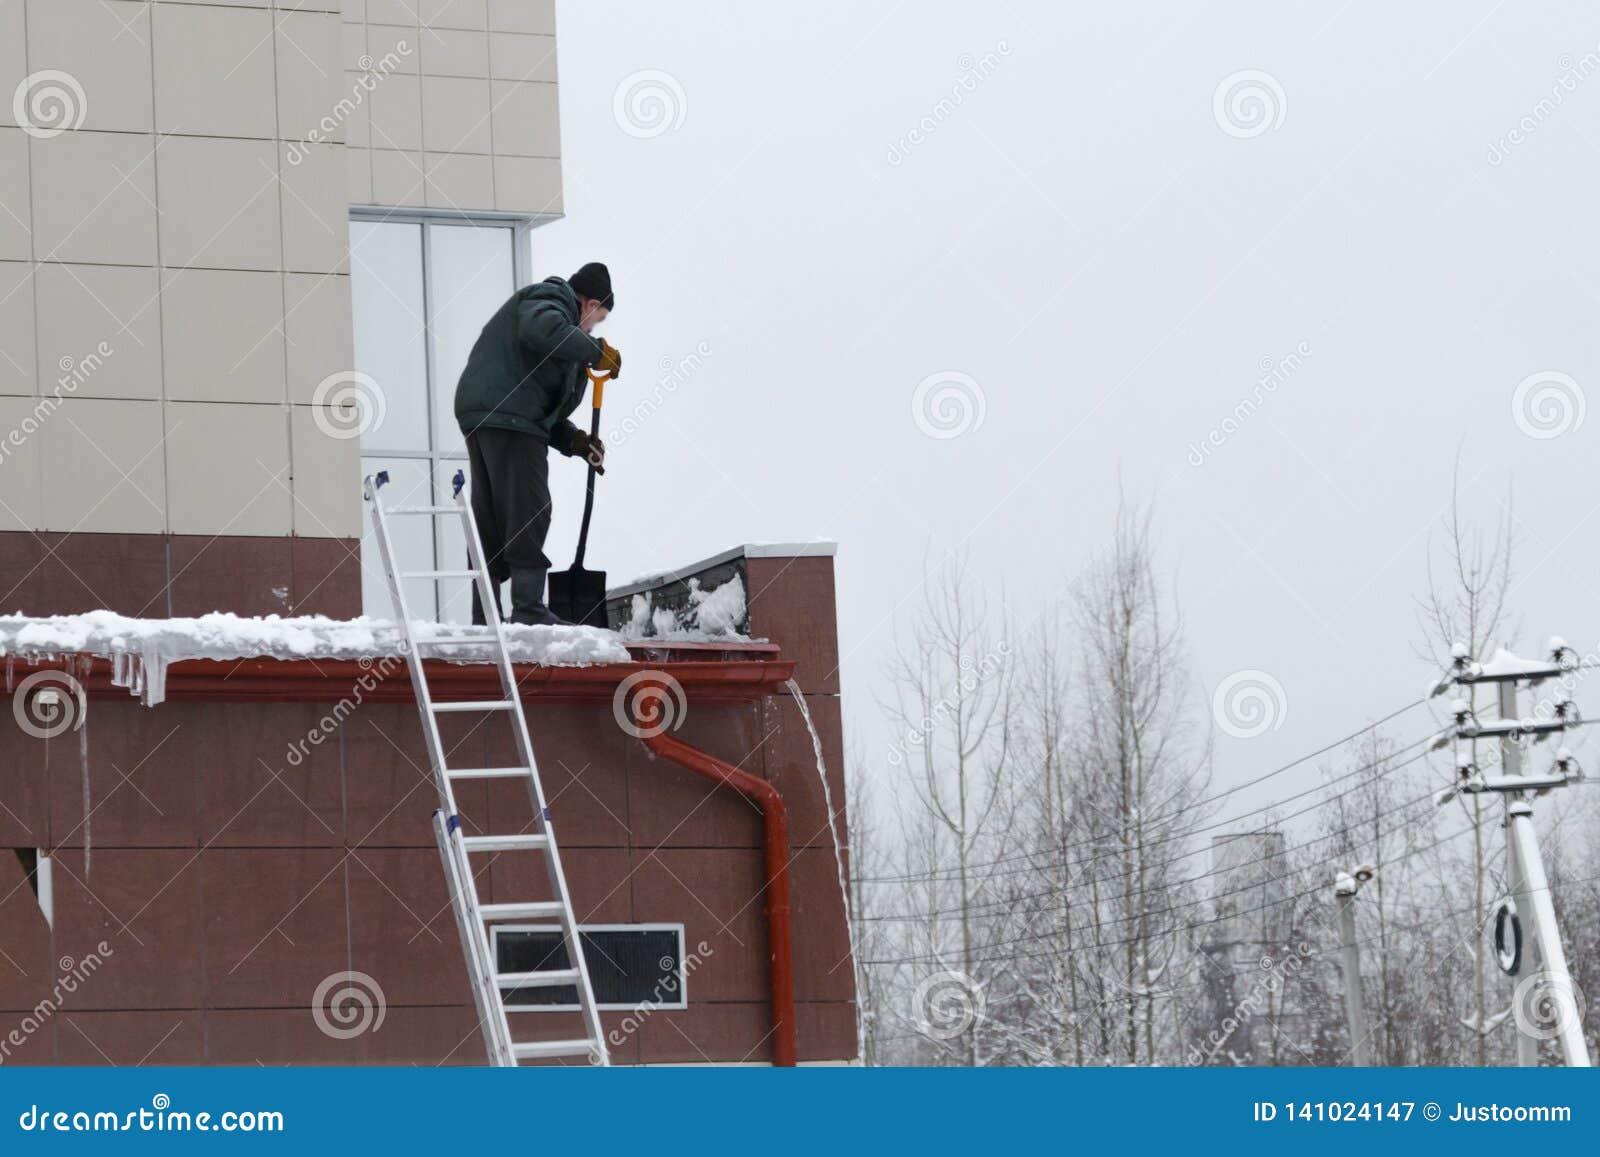 Работник извлекает снег и лед из крыши очищая крышу не исполняя с трудовыми правилами защиты